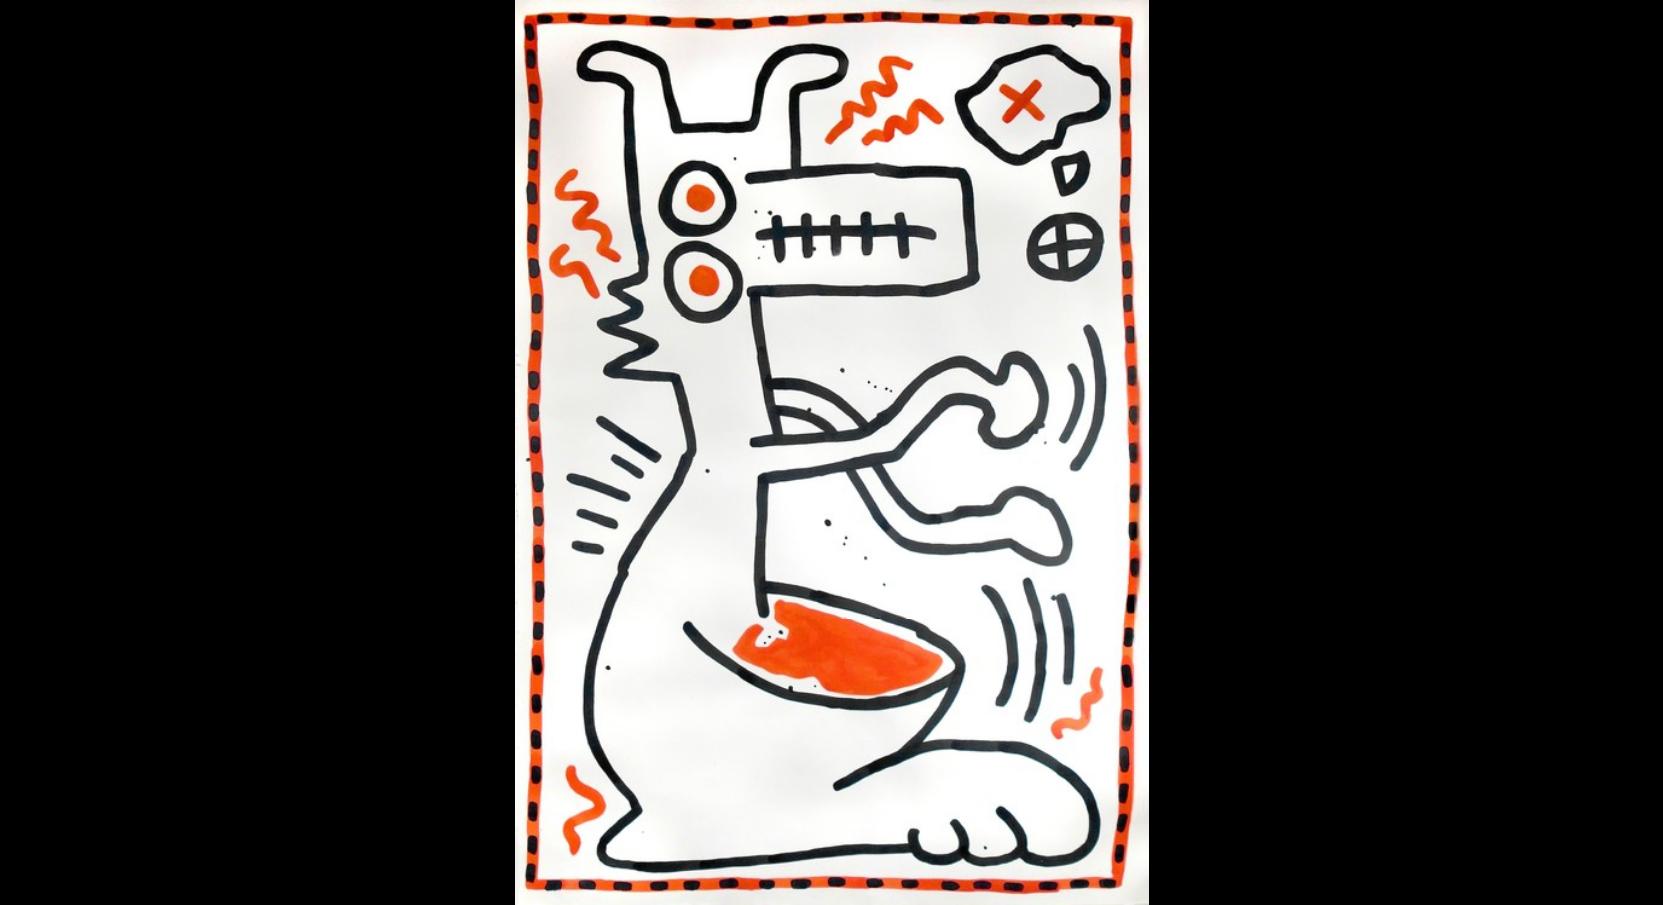 keith-haris-desenho-nova-york-anos-80-aids-dionisio-arte (7)